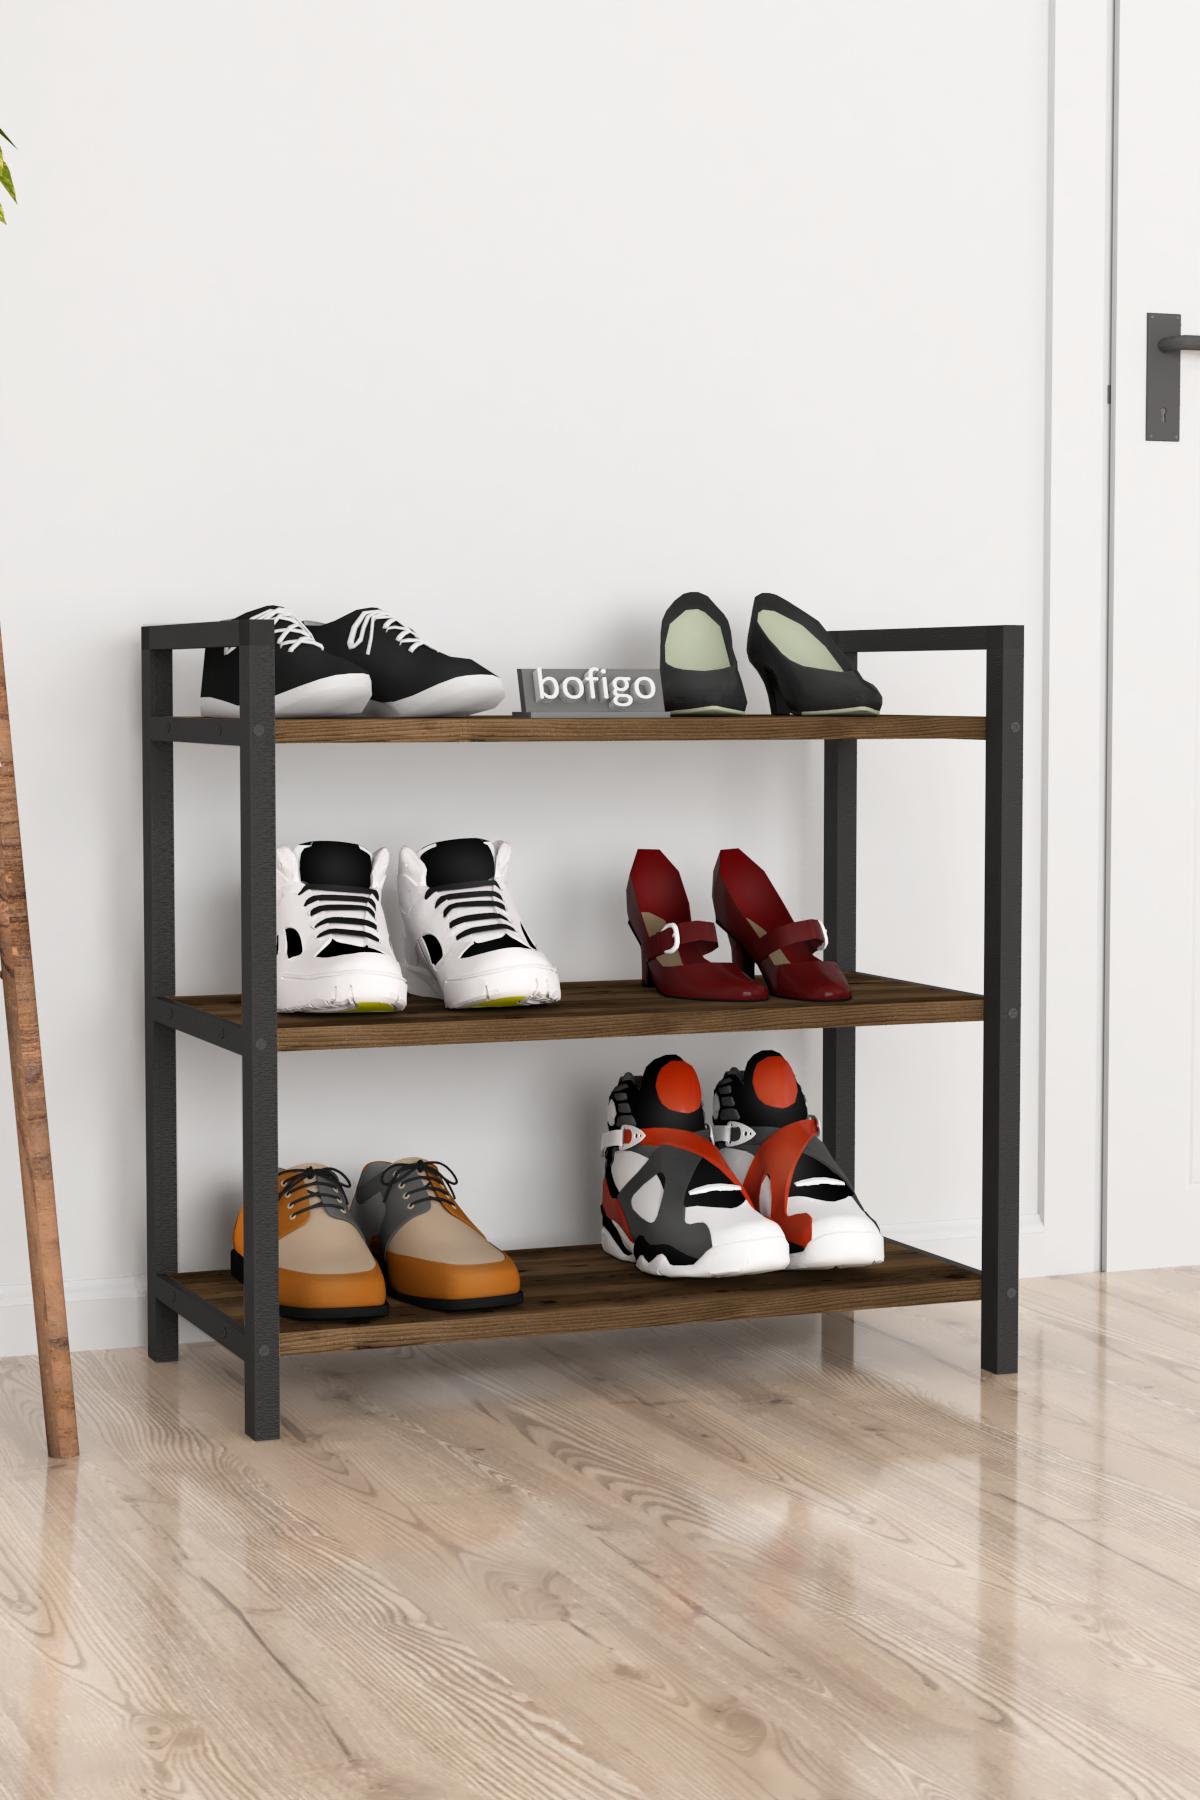 Bofigo Dekoratif 3 Raflı Ayakkabılık Metal Ayakkabılık Lidya